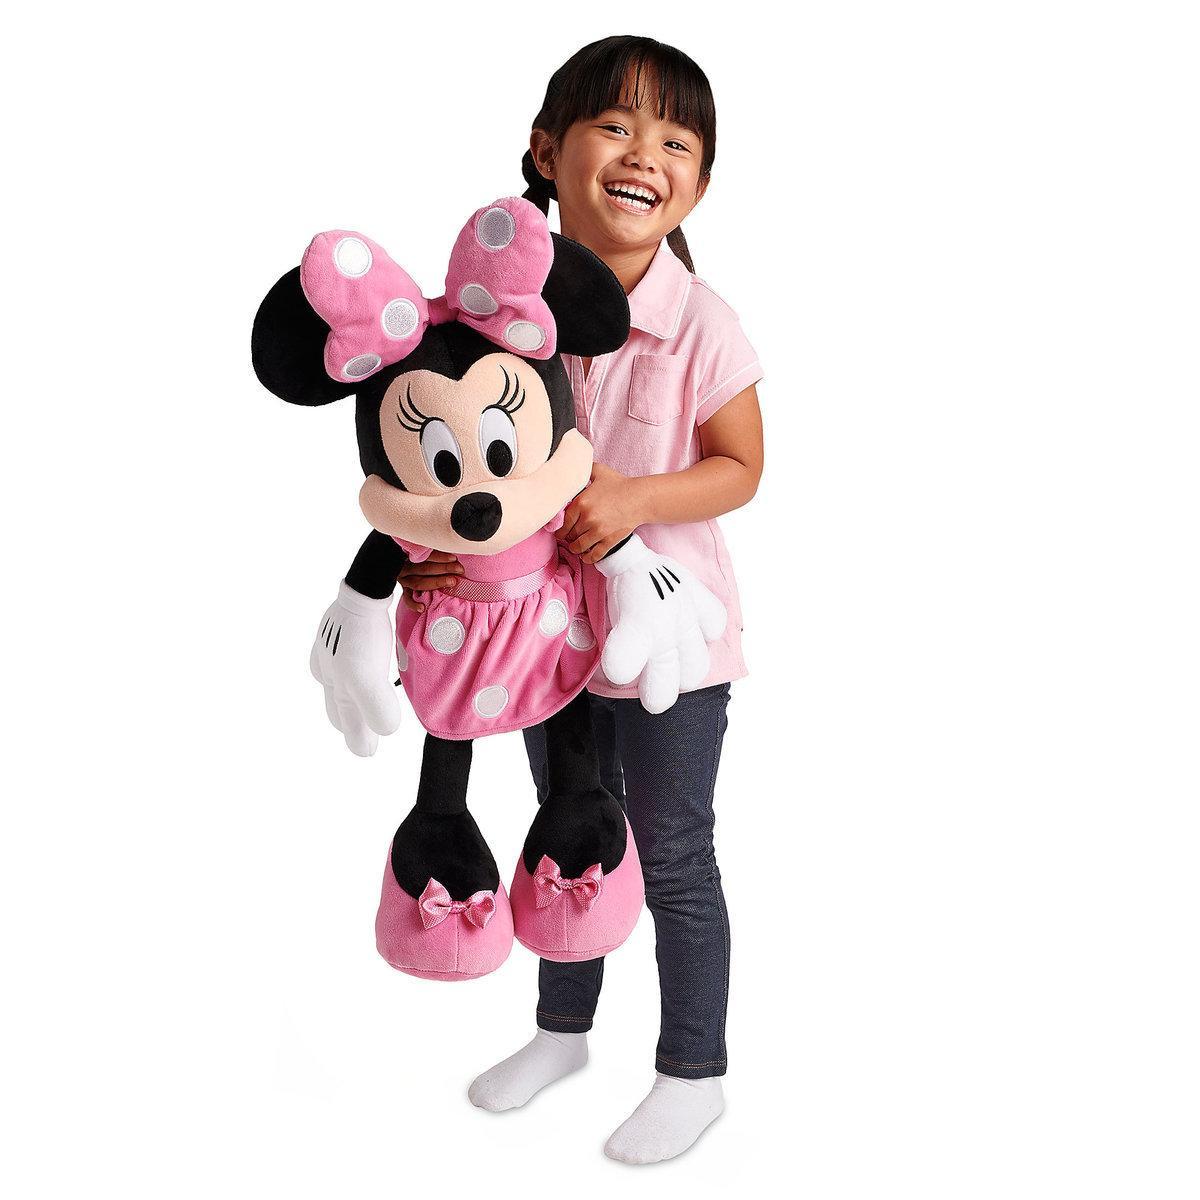 Мінні Маус Дісней велика плюшева іграшка 70 см / Disney Minnie Mouse